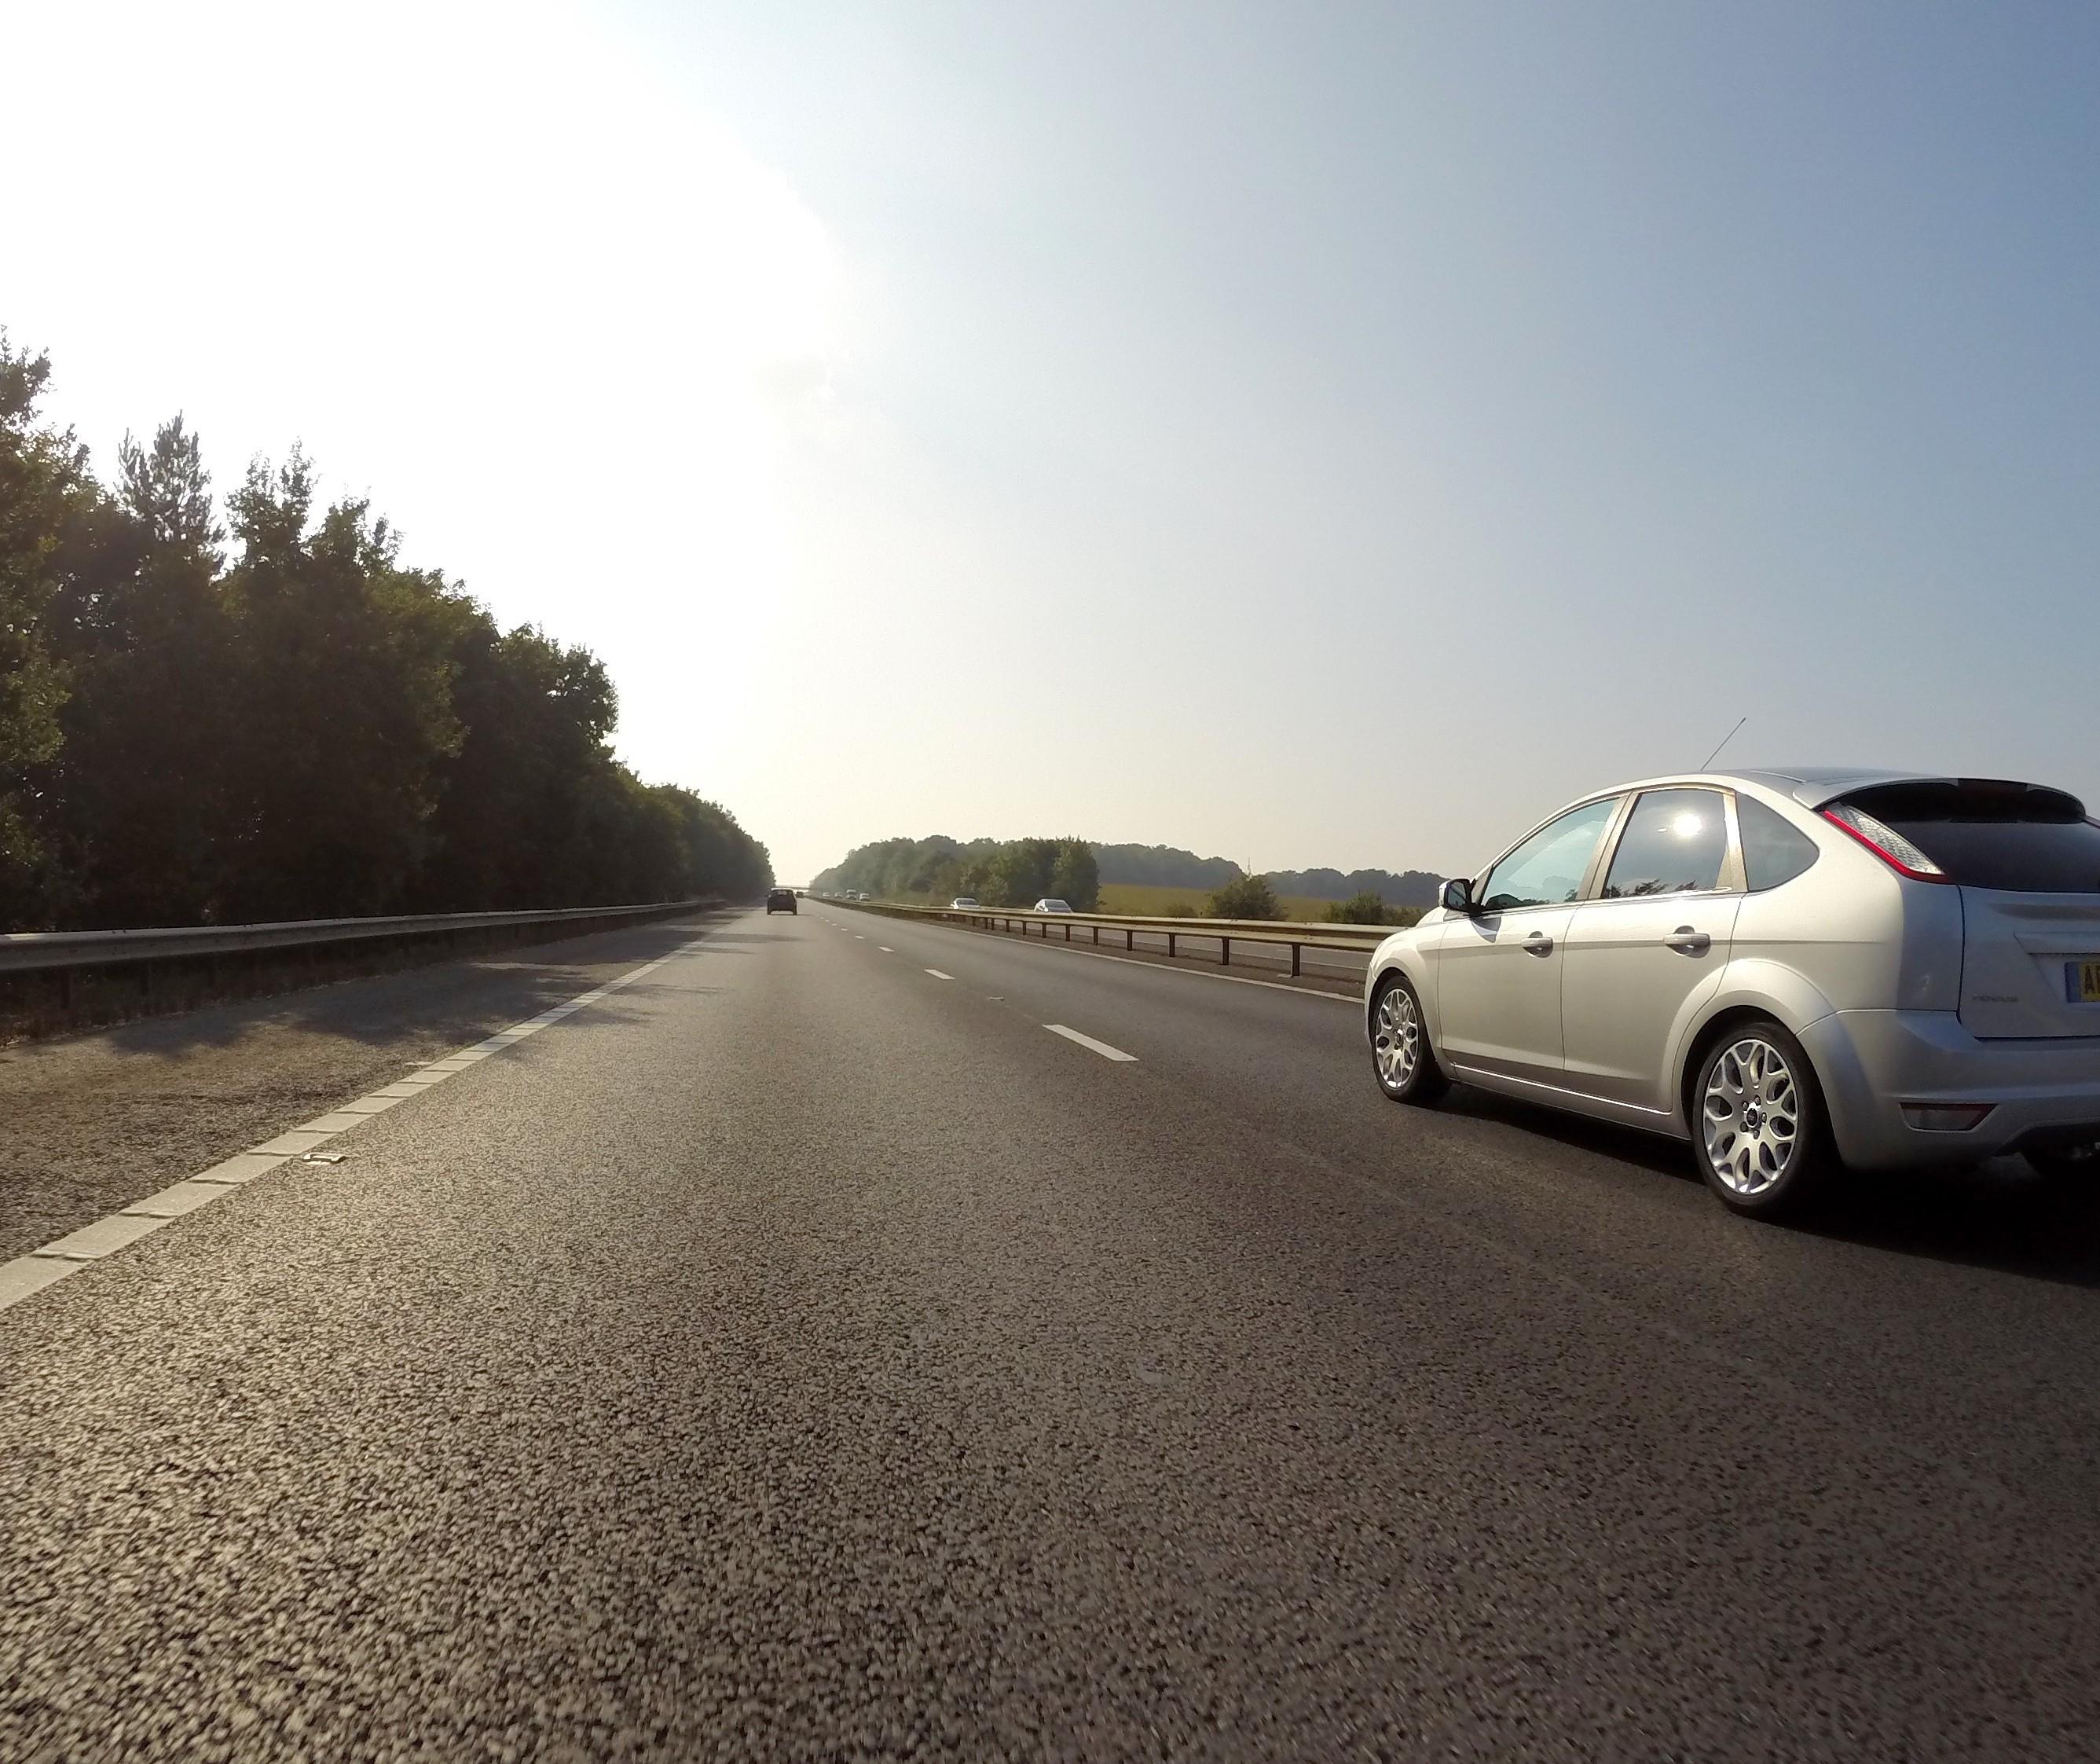 Veículos autônomos trazem um leque de possibilidades